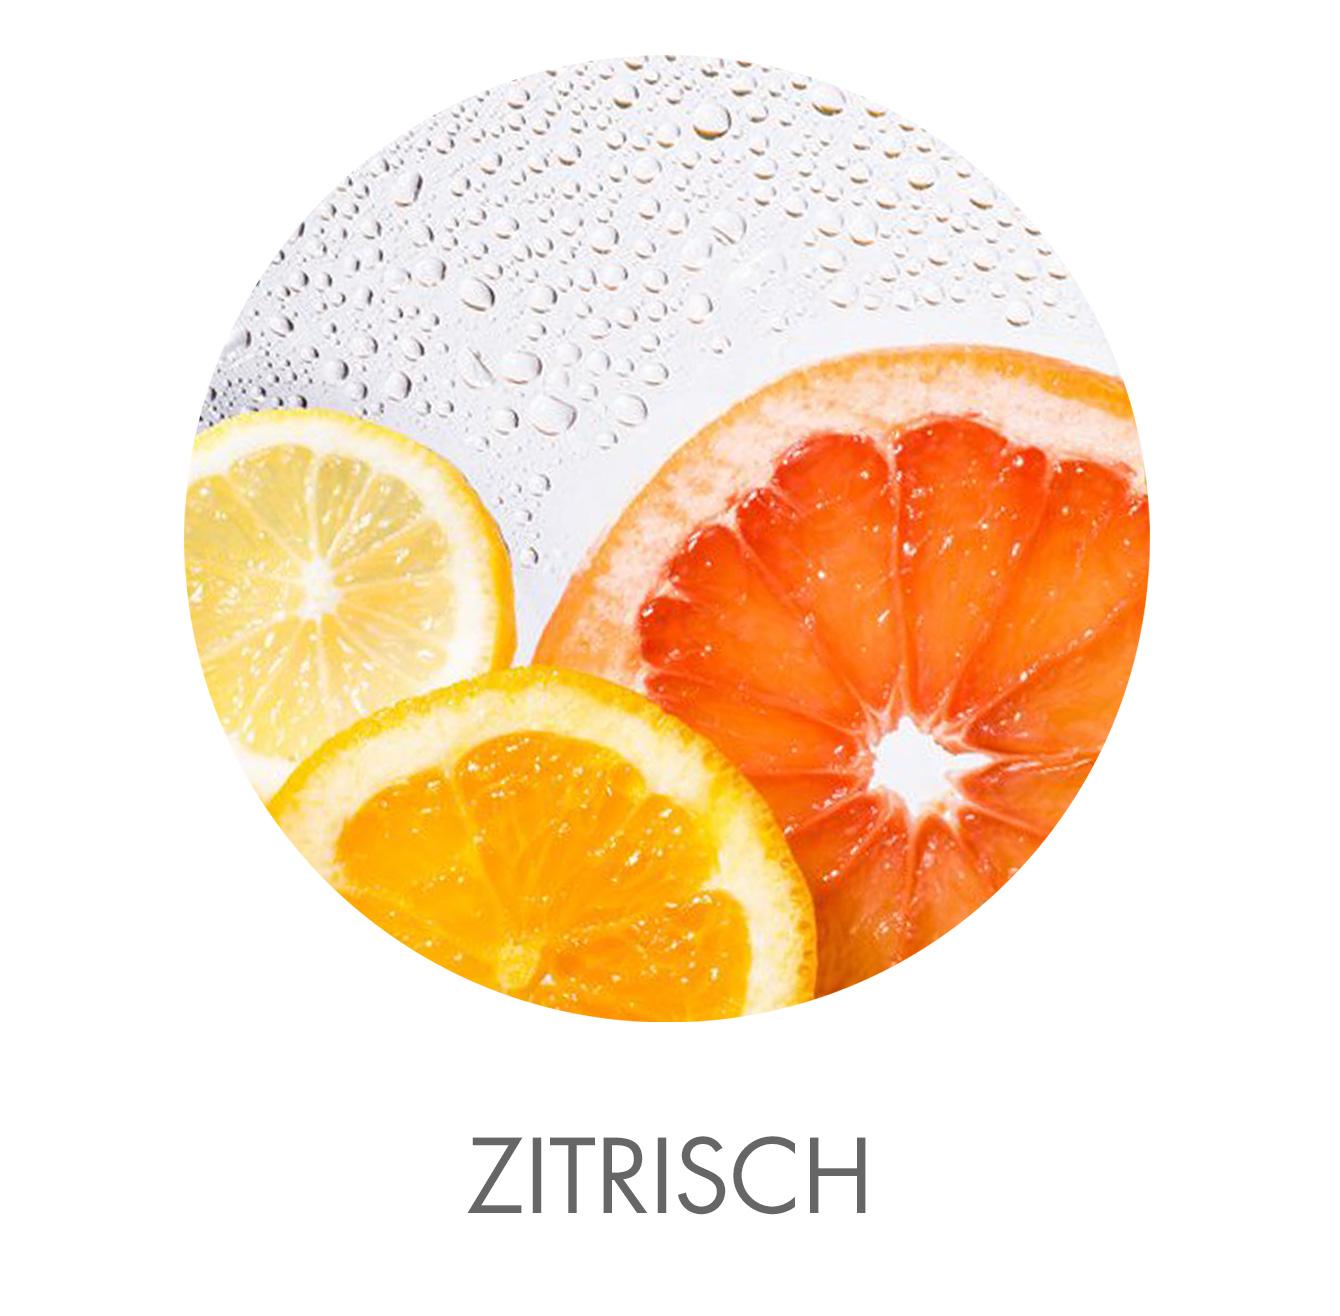 Zitrisch